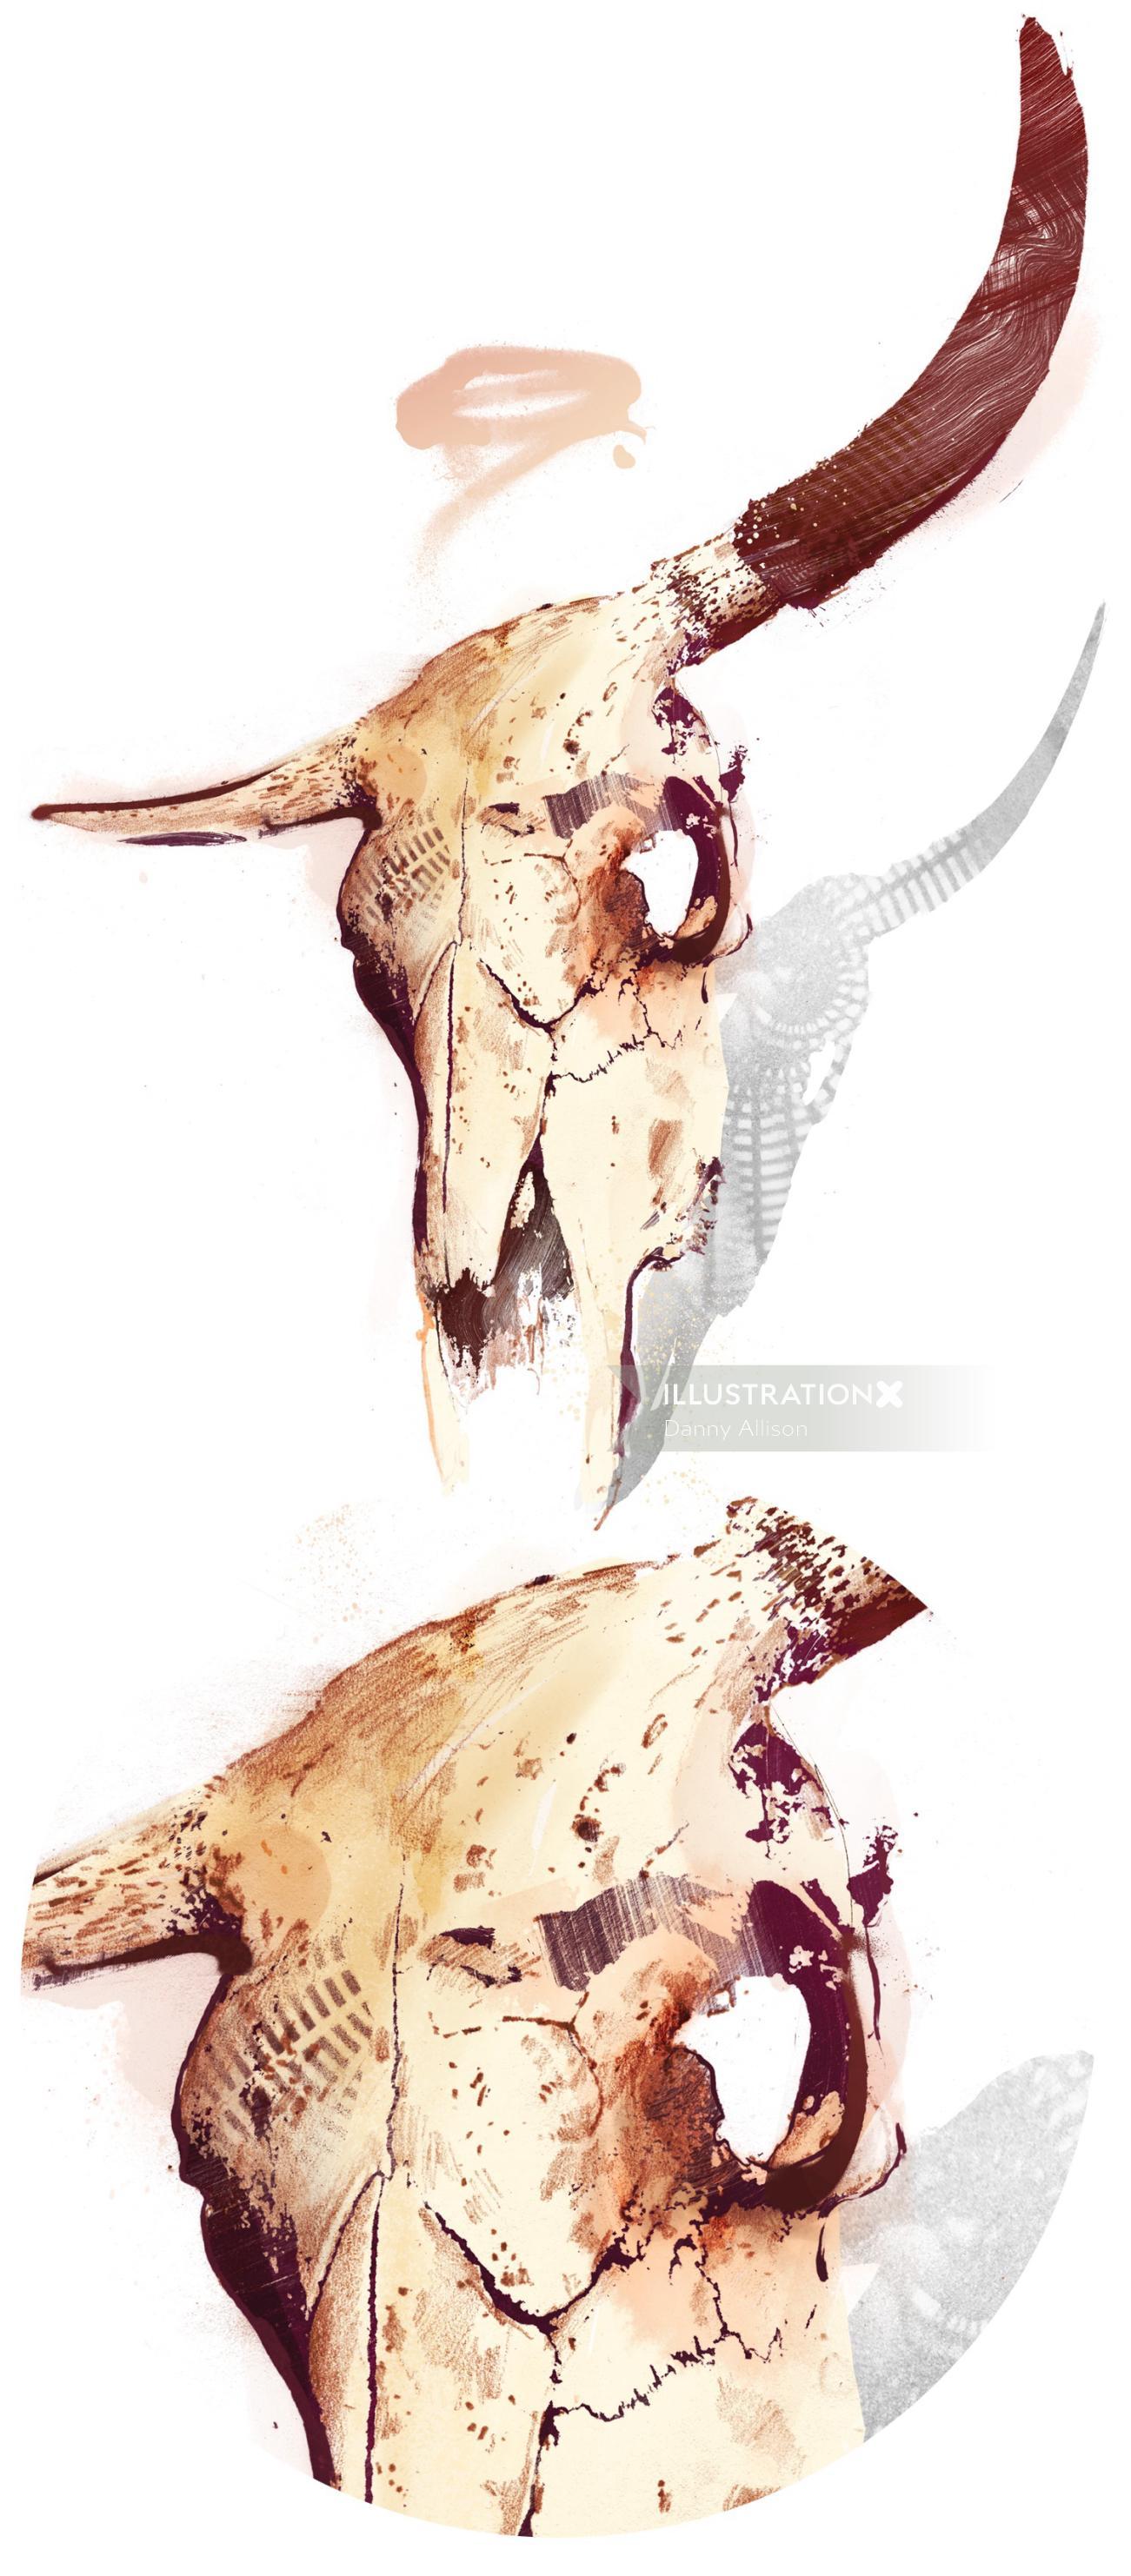 Illustration of Bull Skull